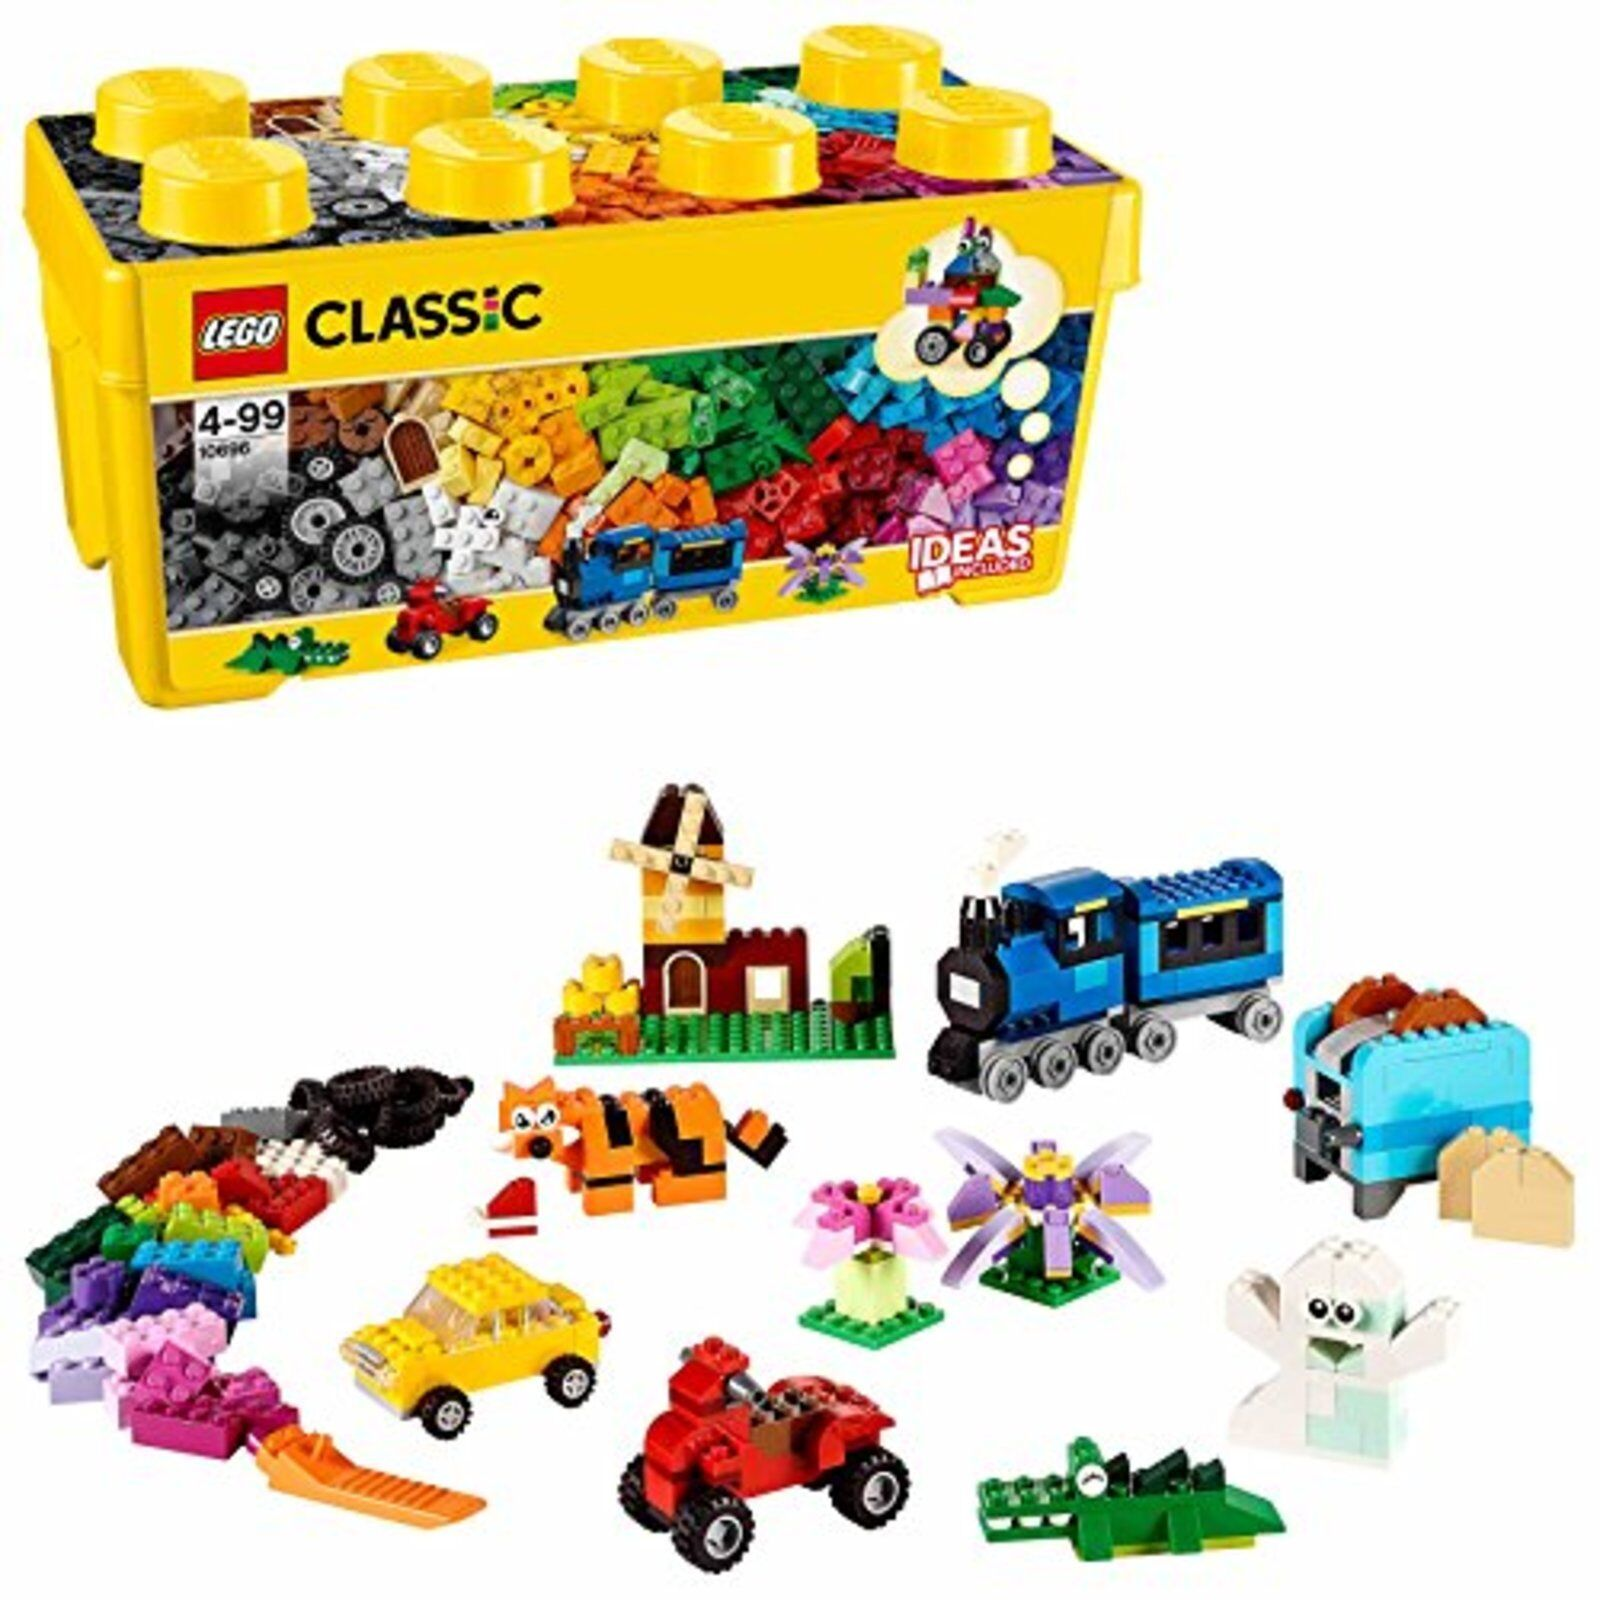 Lego Classique Jaune Idée Boîte  Plus    10696 Livraison Gratuite avec Suivi    prix bas tous les jours